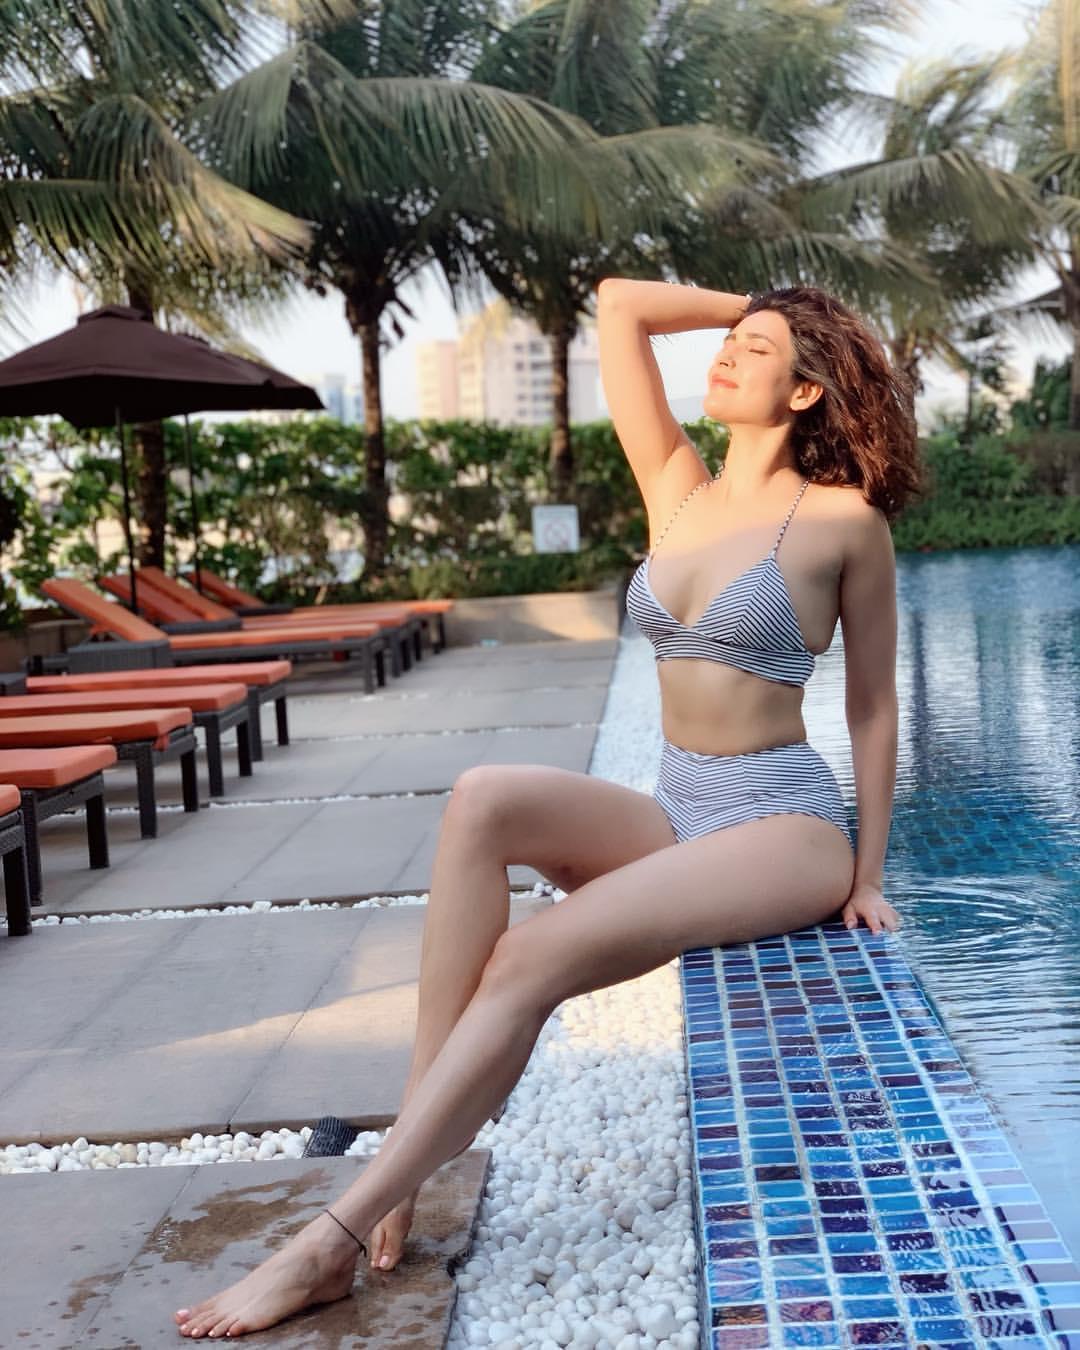 Khatron Ke Khiladi 10 contestant Karishma Tanna bikini photos